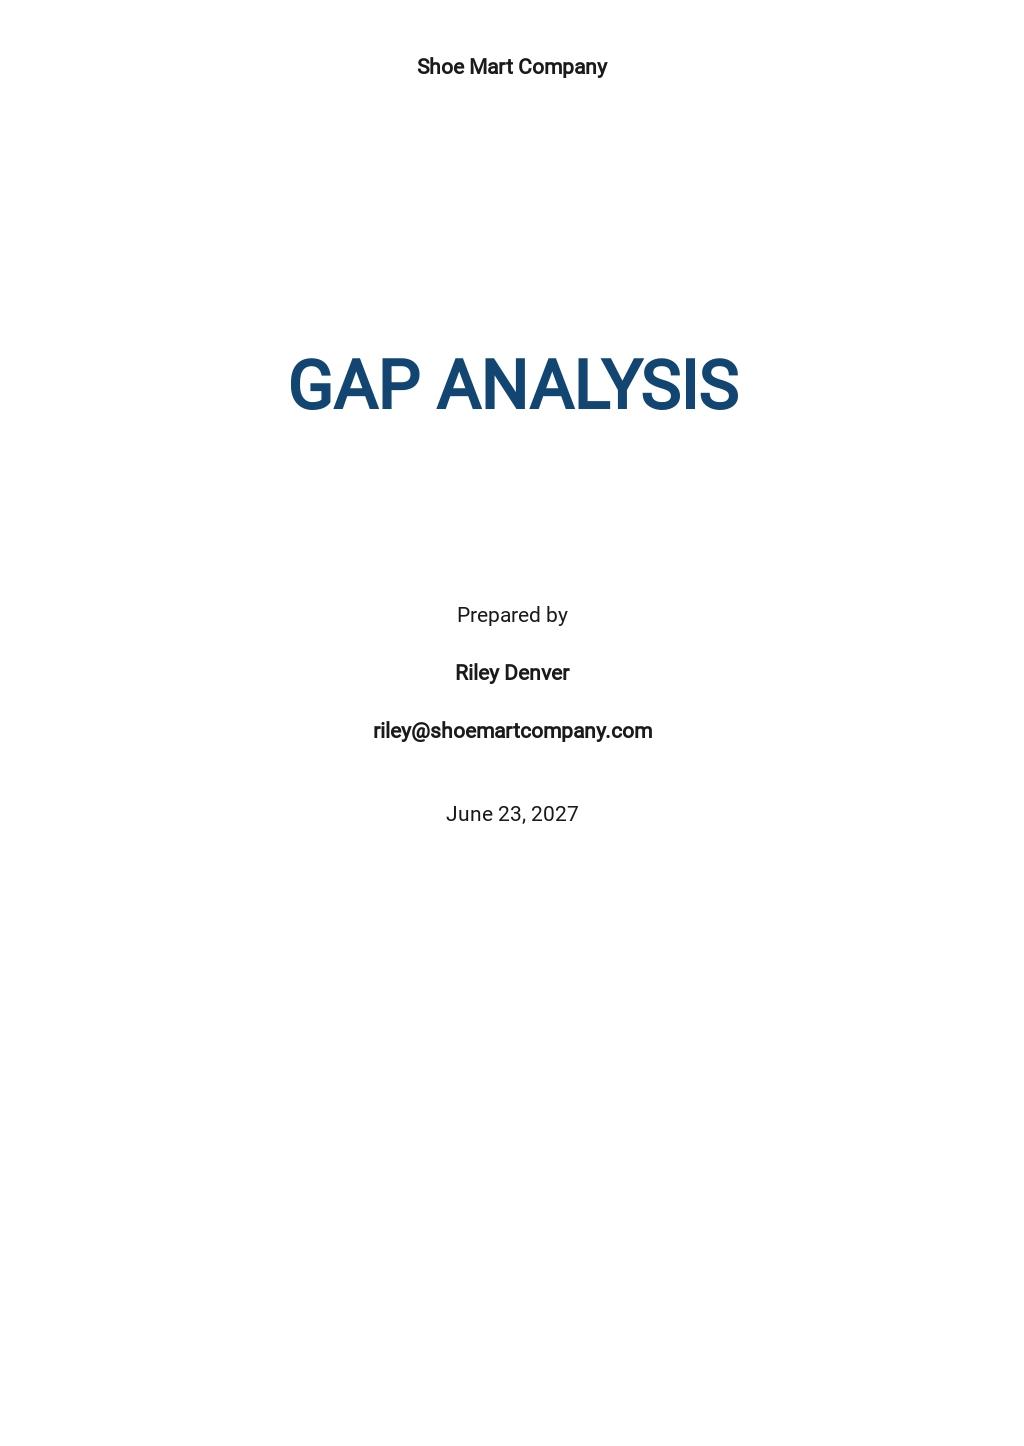 Sample Gap Analysis Report Template